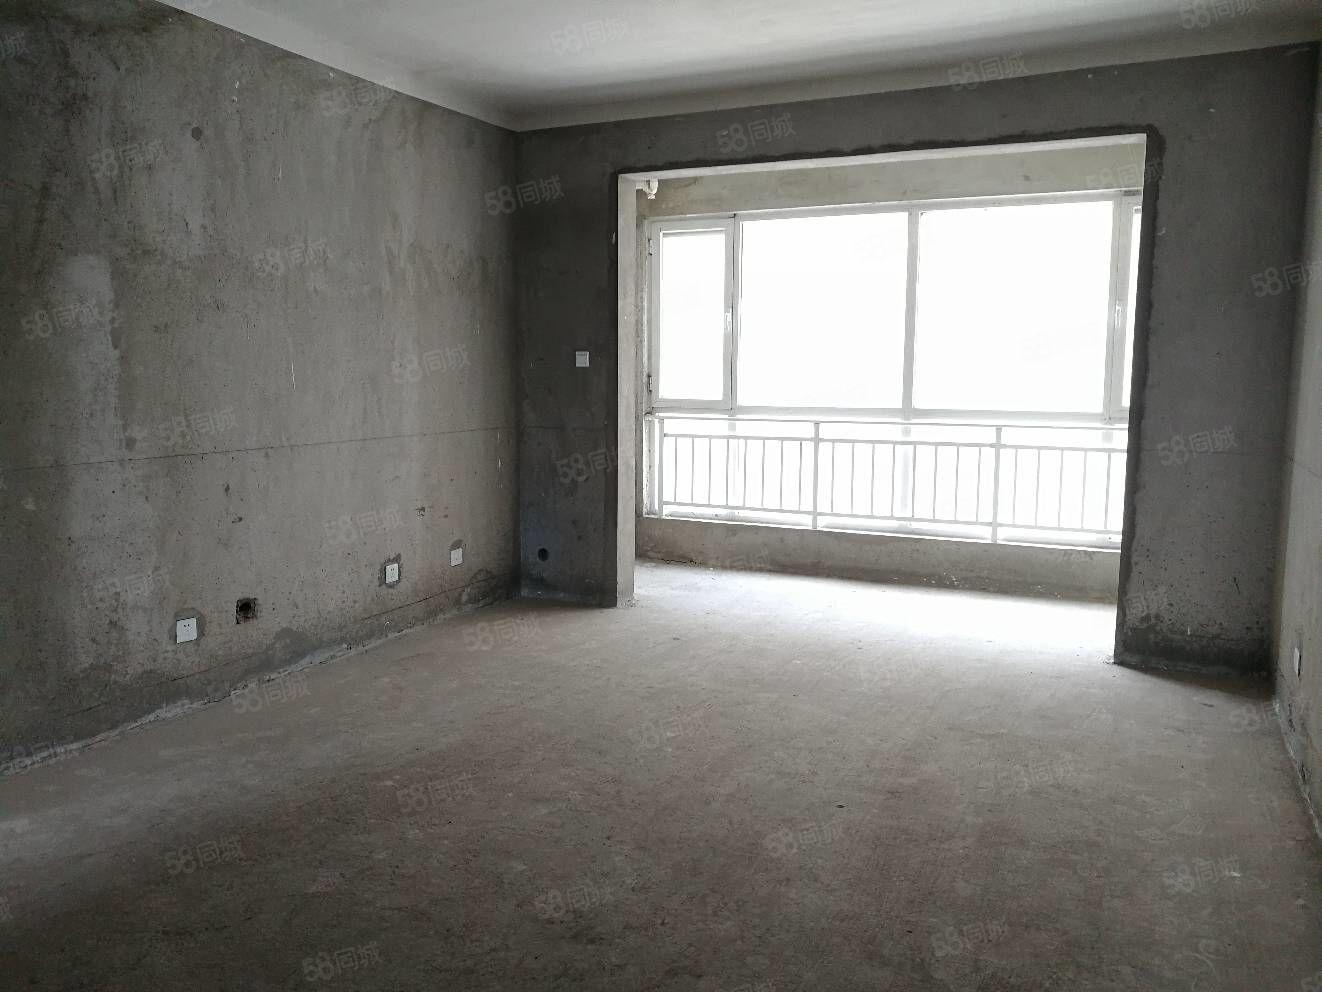 青屏苑,5000多一平。可改一手合同,三室两厅一卫